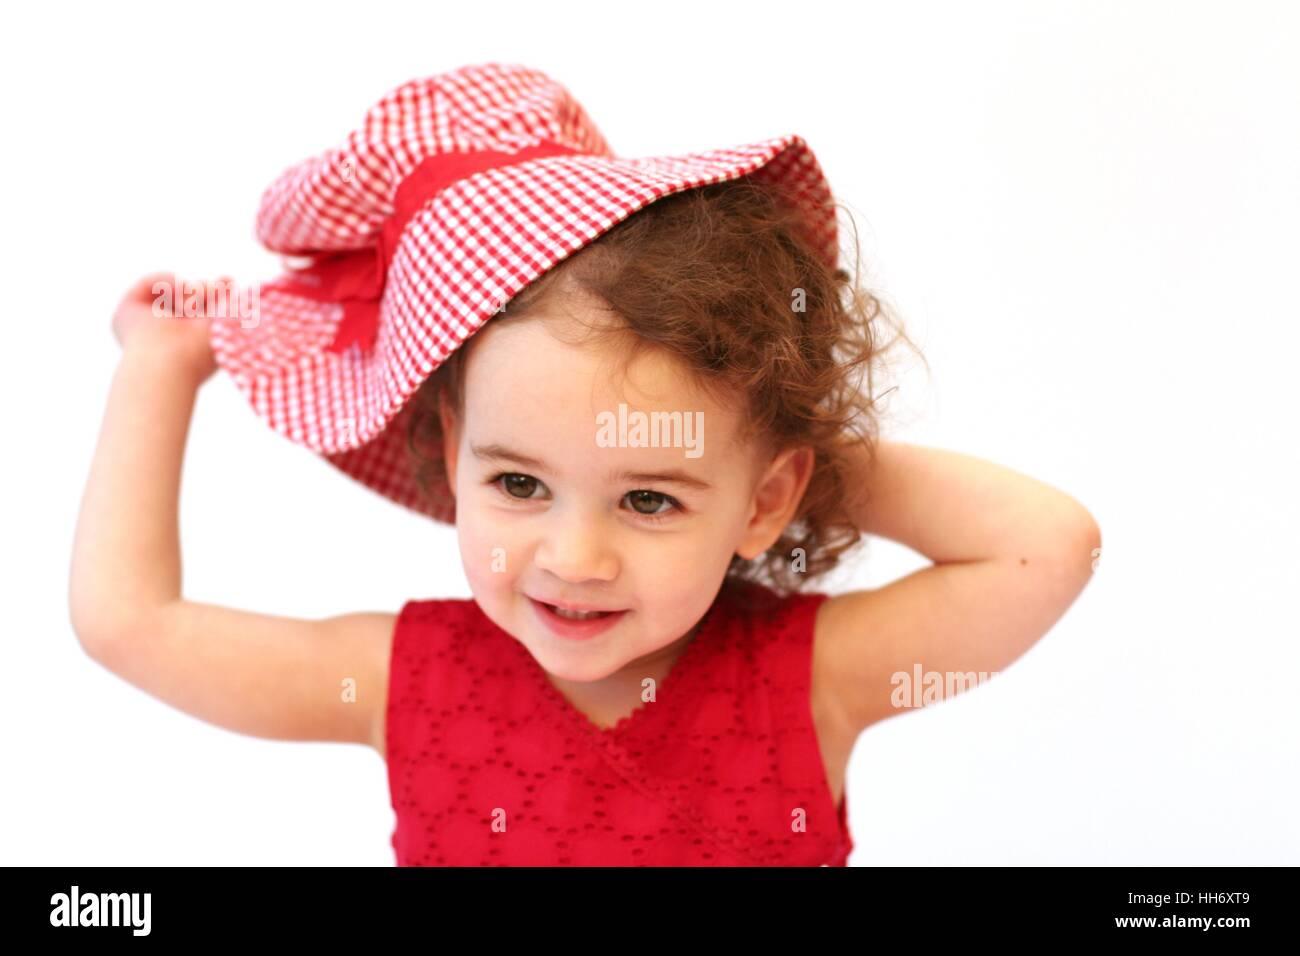 Sweet baby girl child enfant tout-petit avec des cheveux bouclés jouant avec  un imprimé 01f47920d47